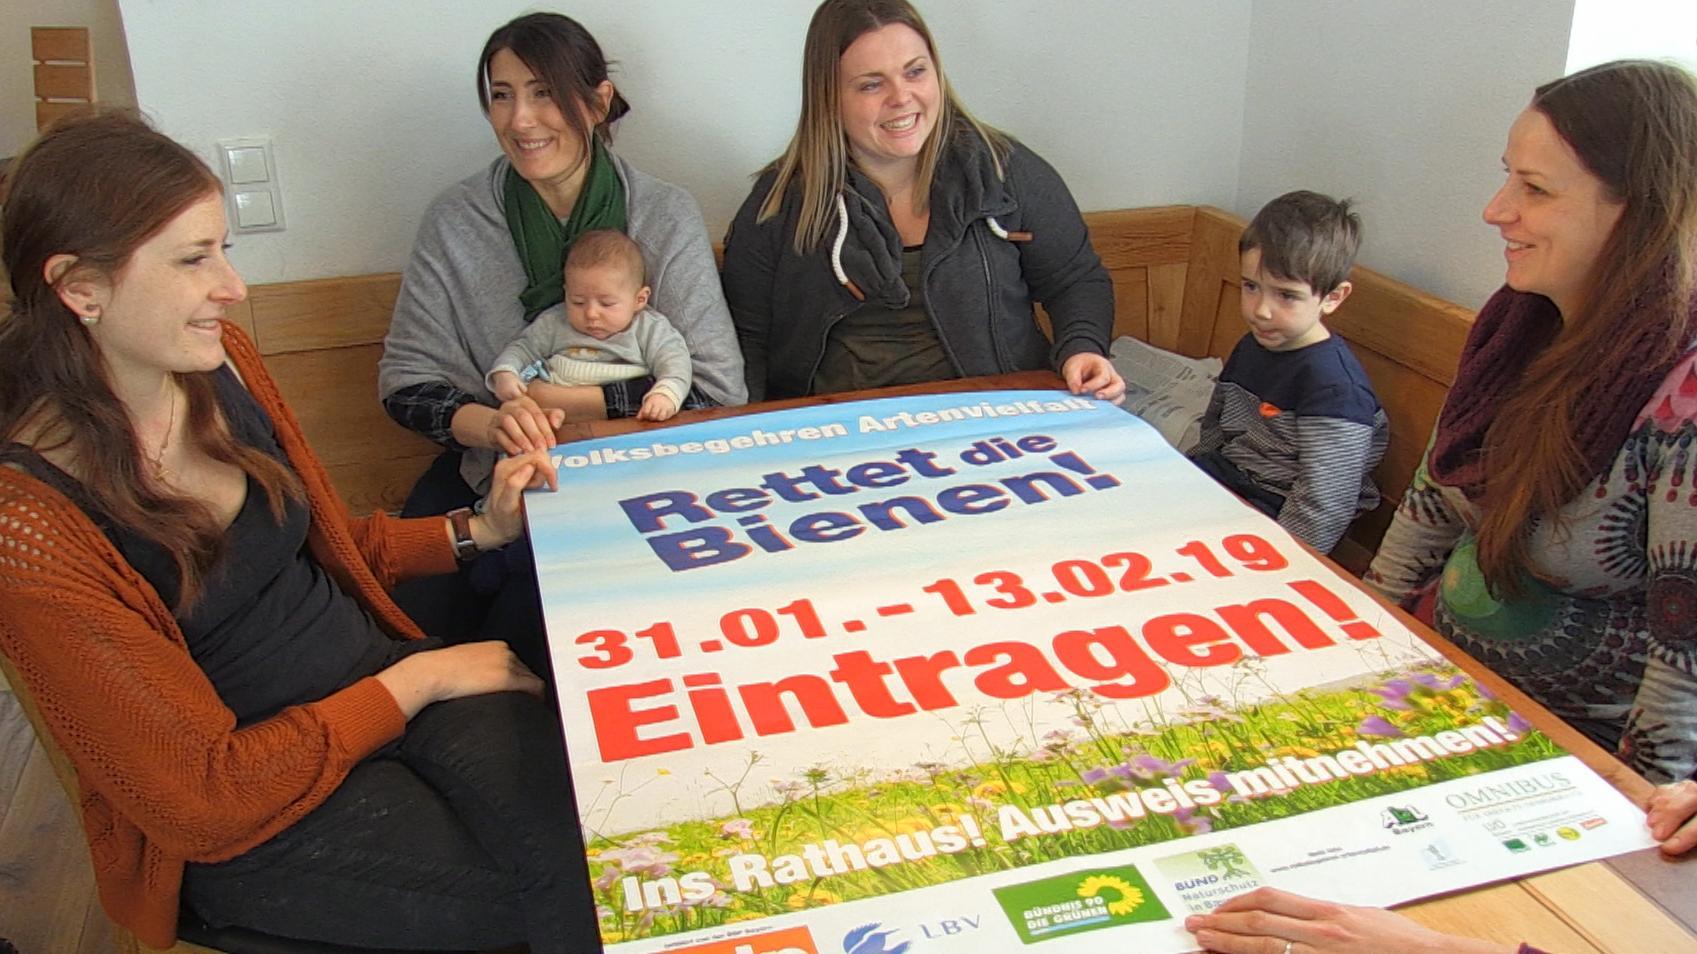 Familie am Tisch mit Plakat zum Volksbegehren.